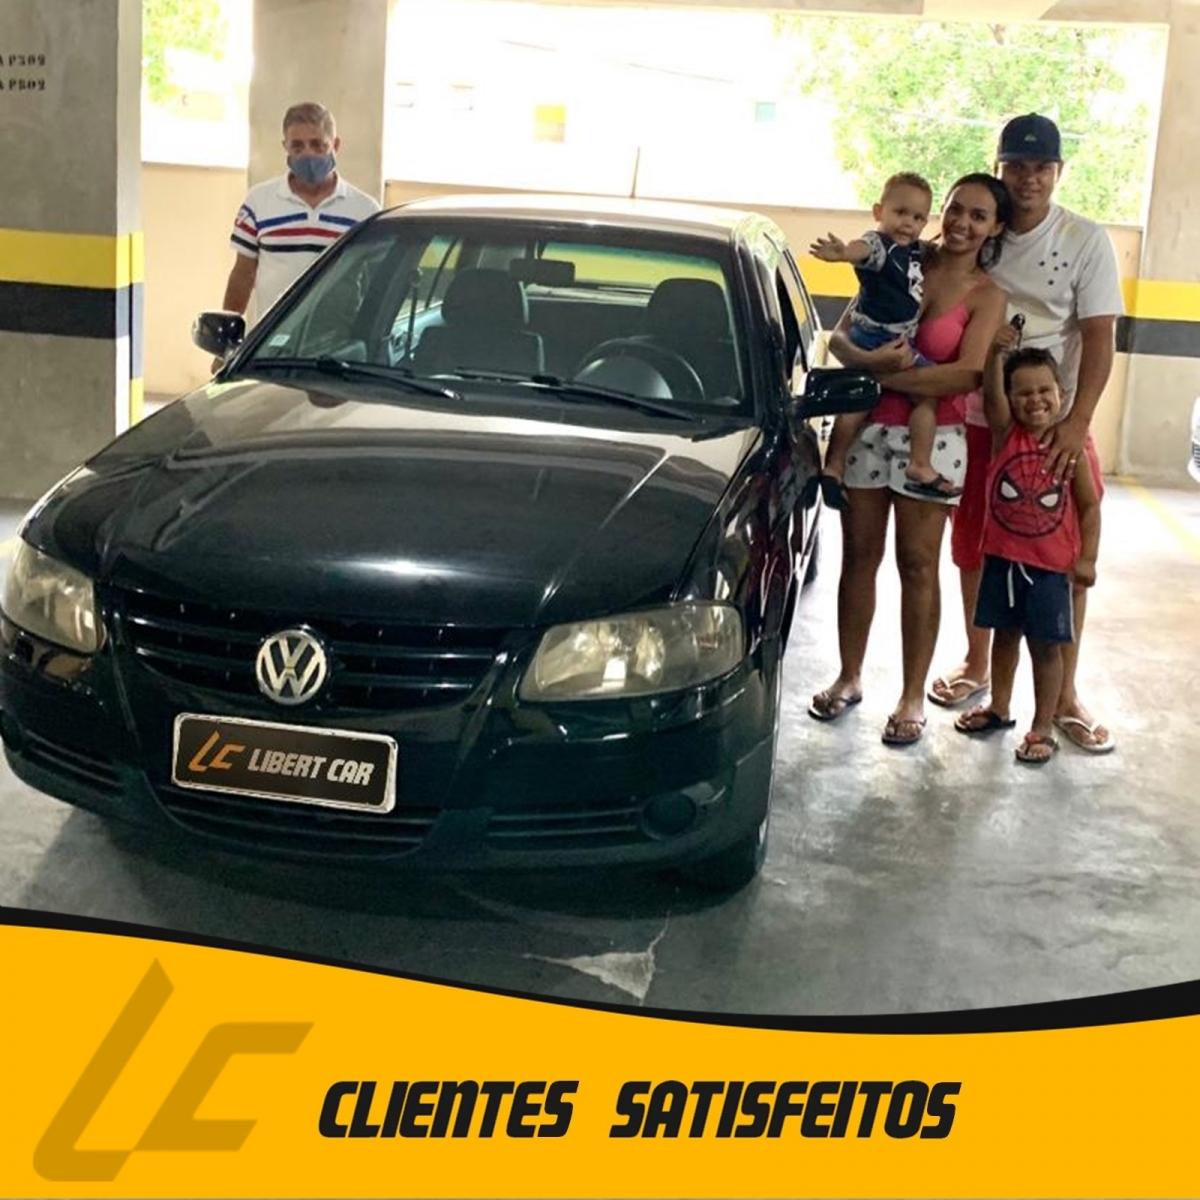 Clientes Satisfeitos - Jenny, Carlos e filhos